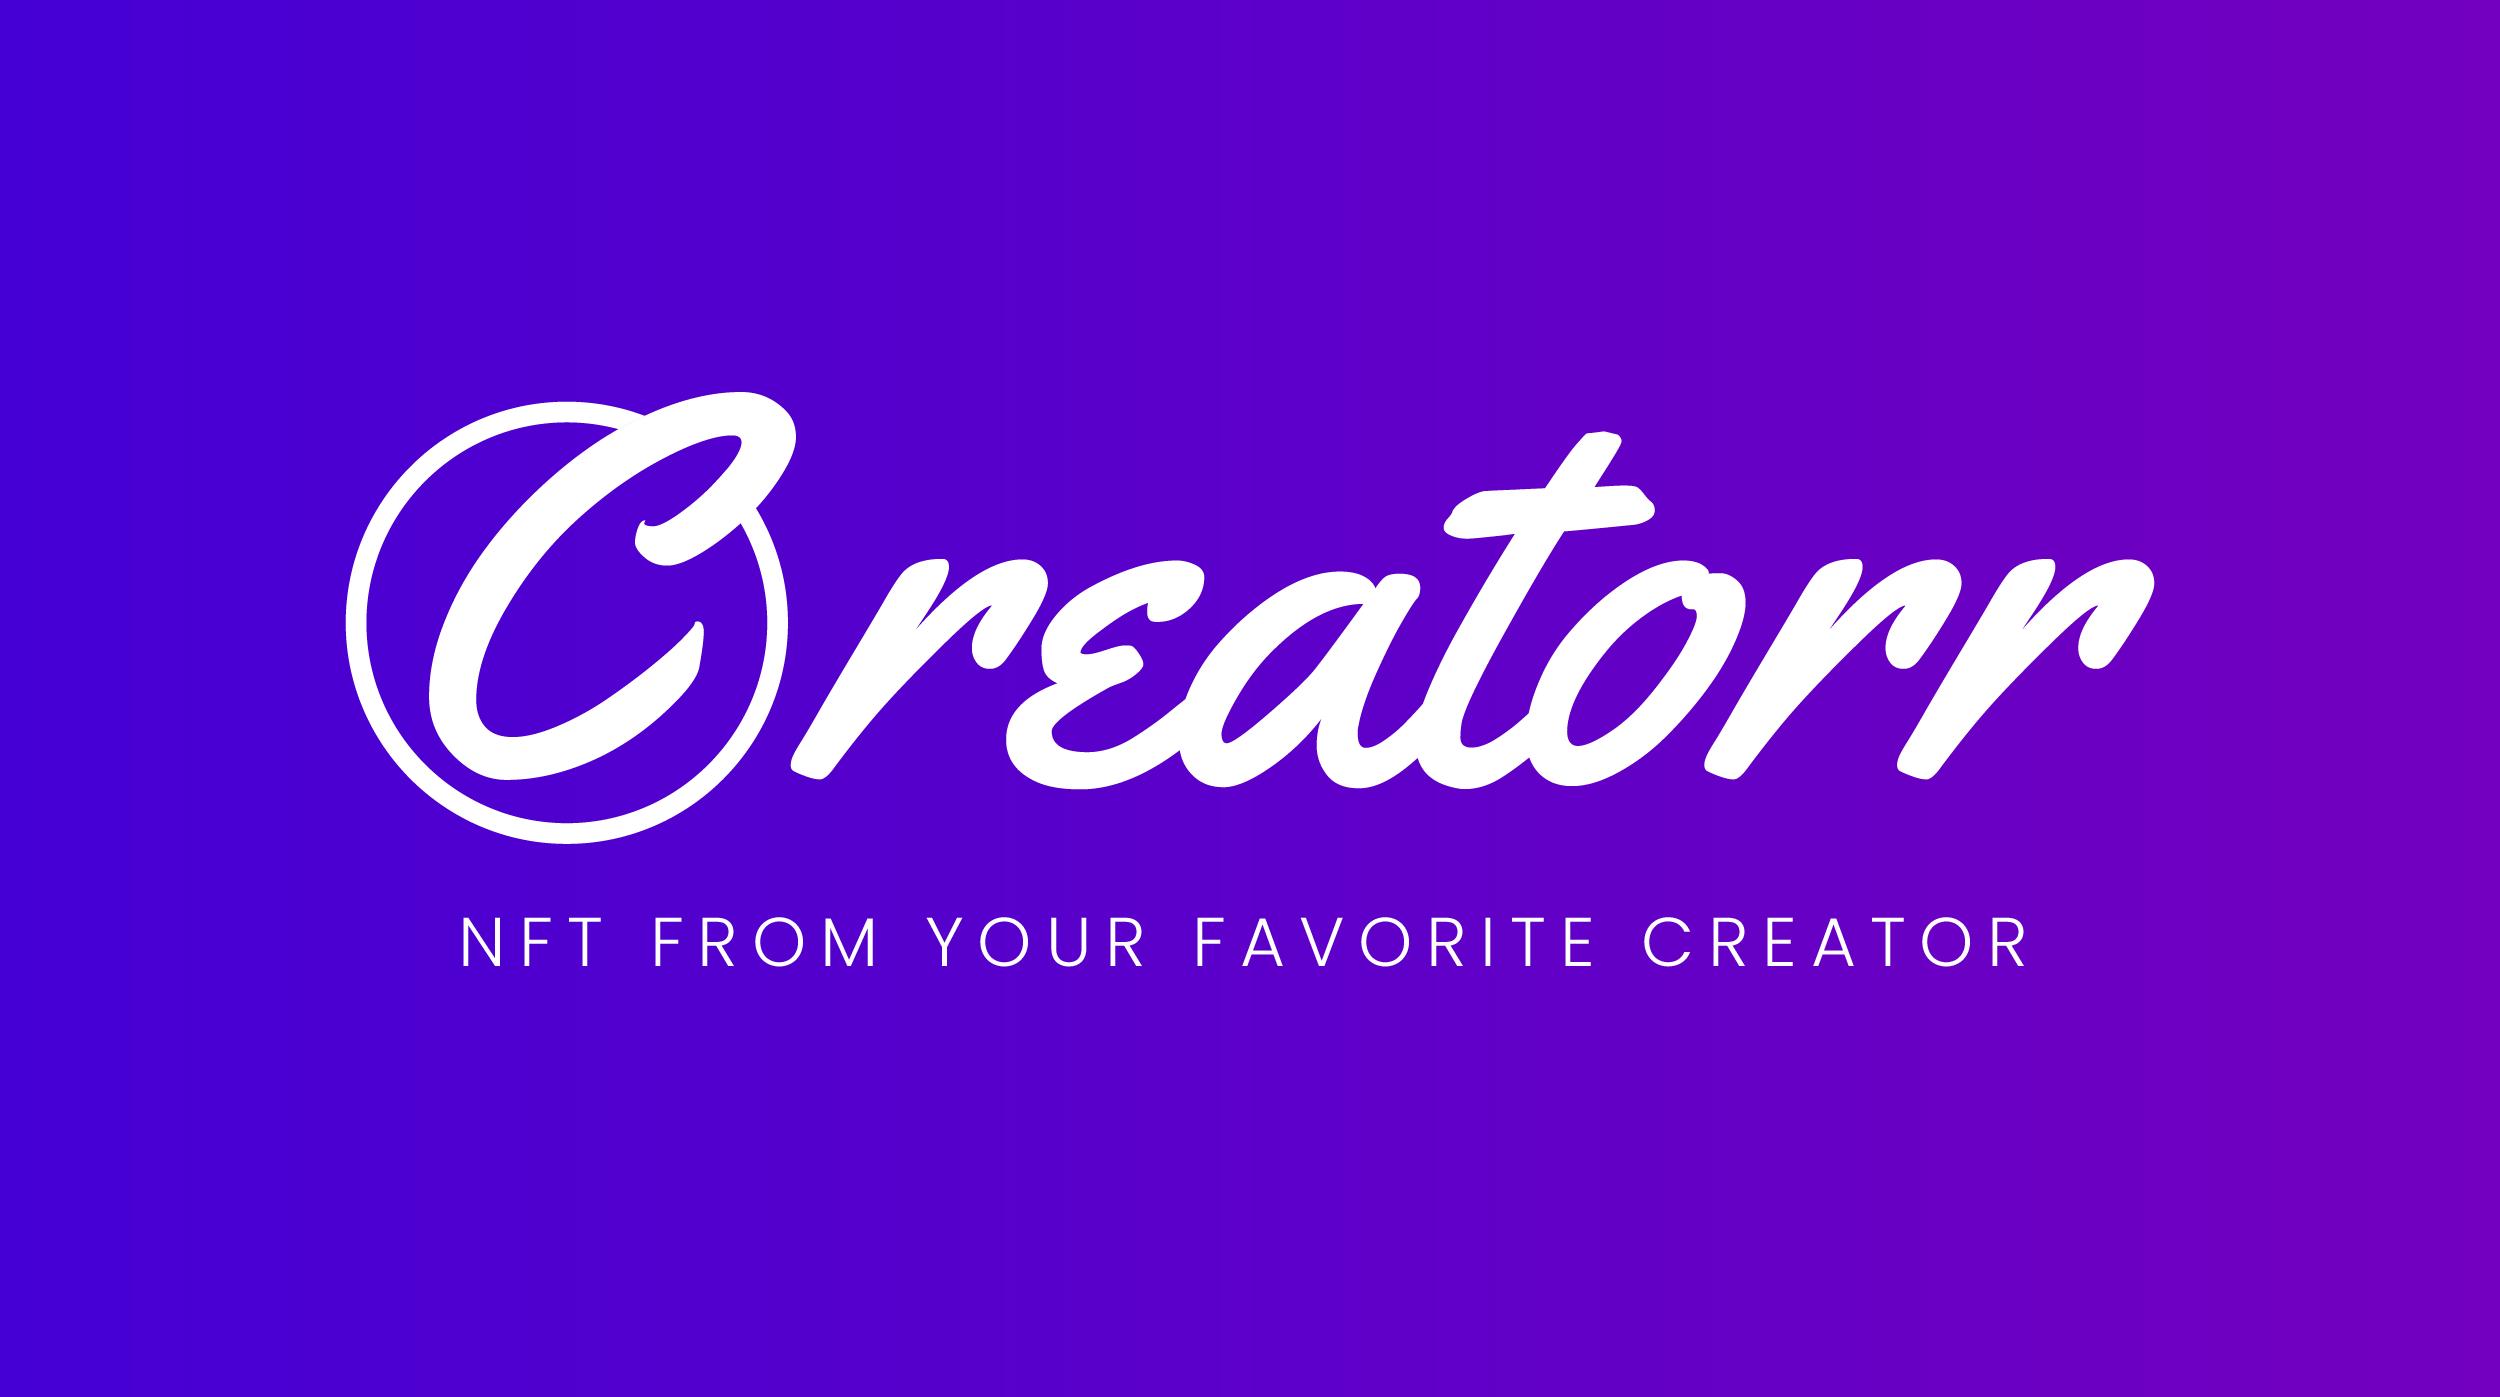 Creatorr showcase